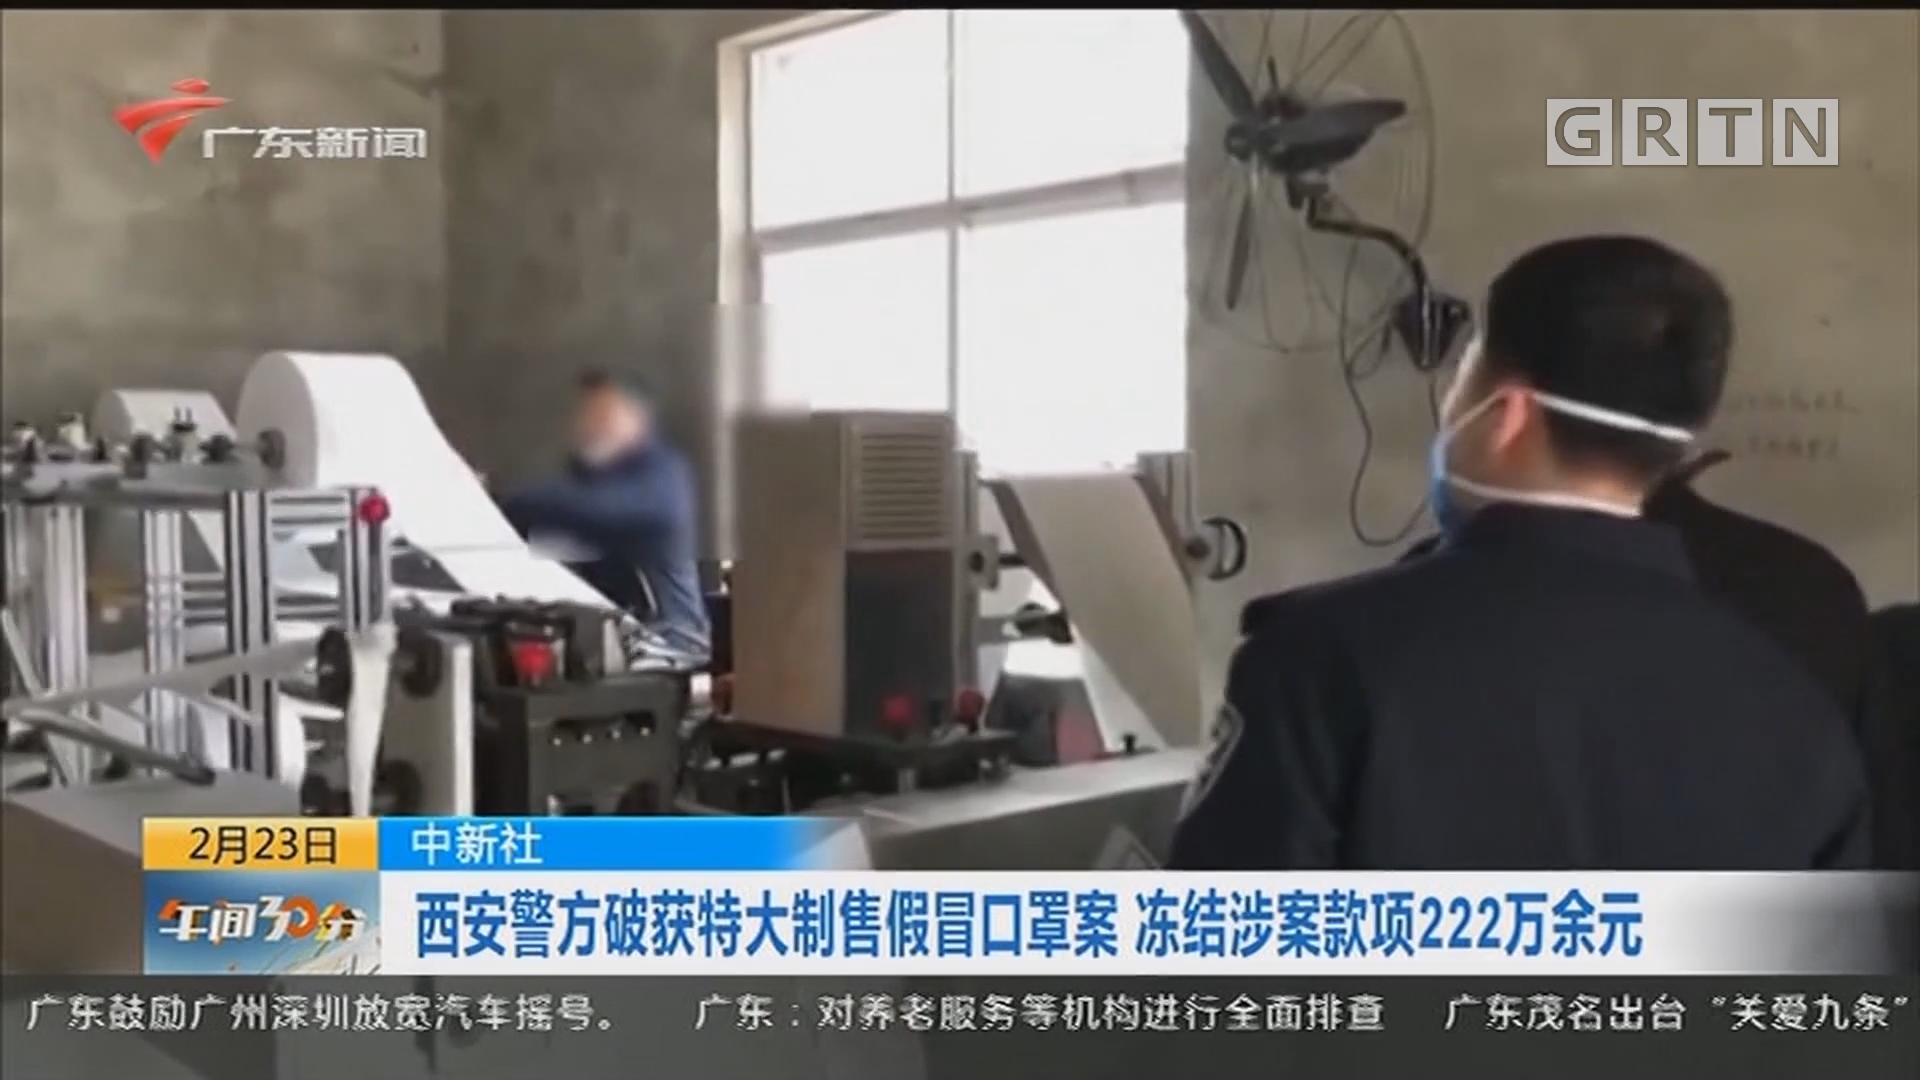 中新社:西安警方破获特大制售假冒口罩案 冻结涉案款项222万元